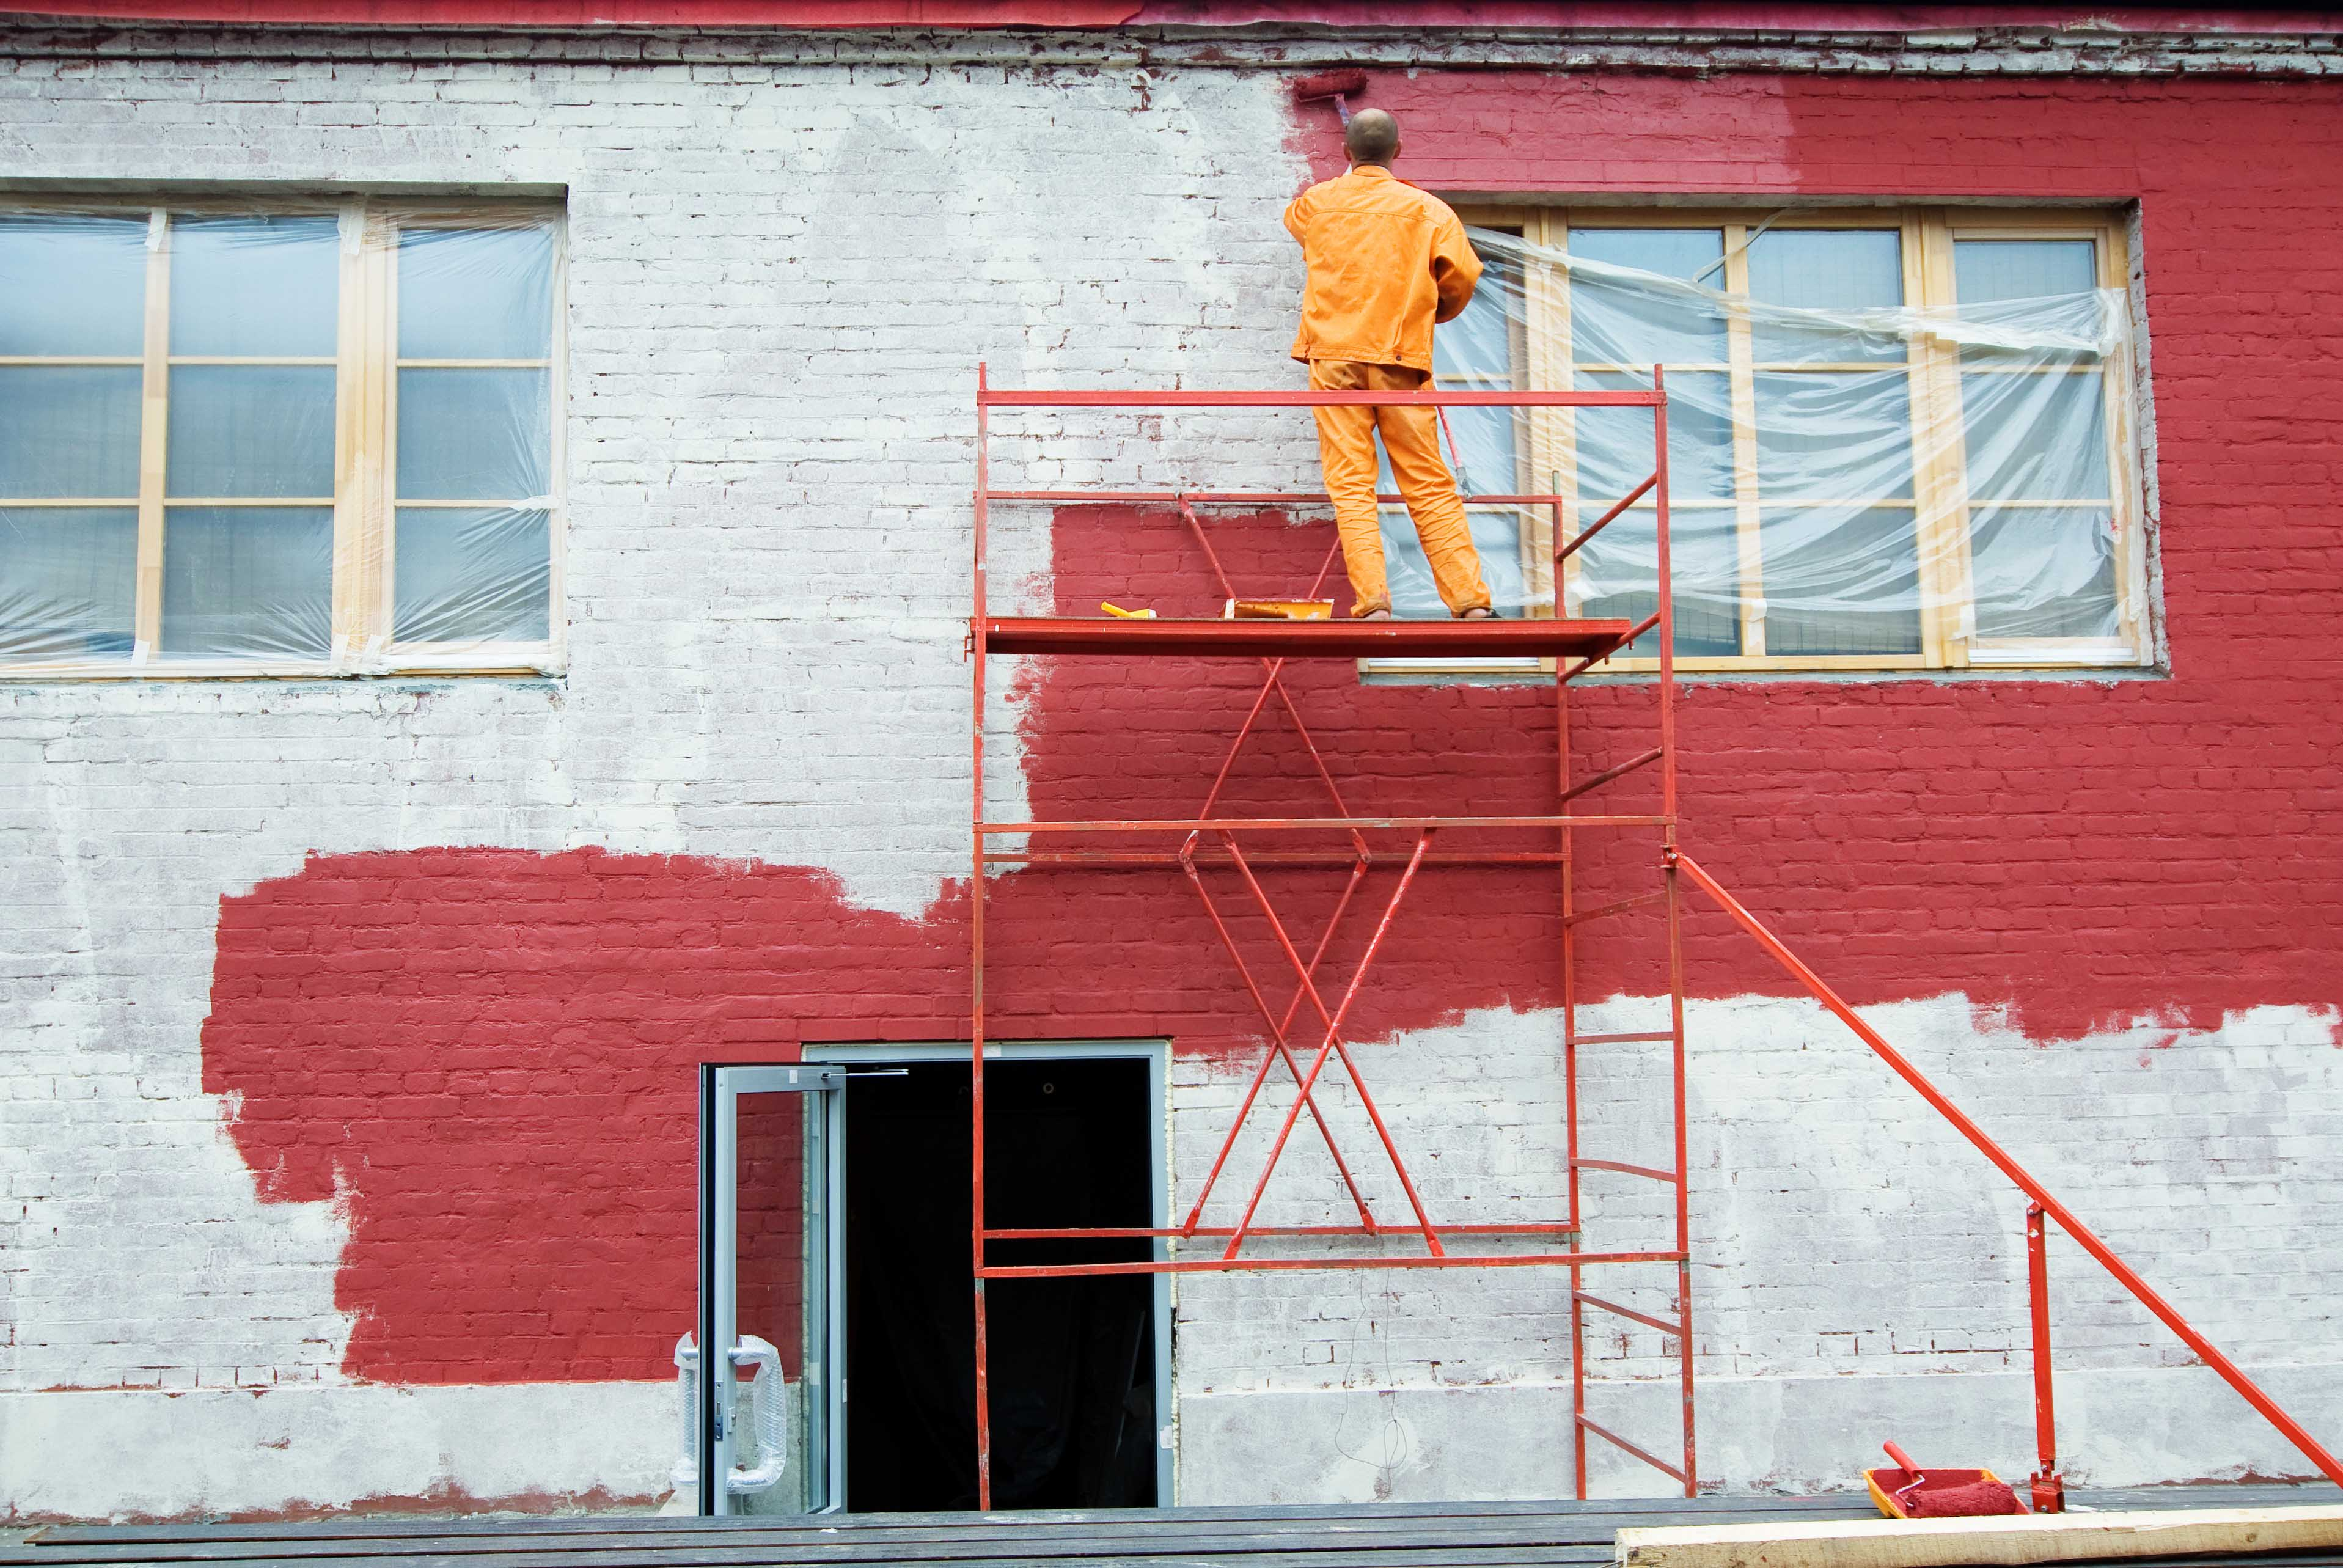 Хто повинен ремонтувати фасад багатоквартирного будинку?